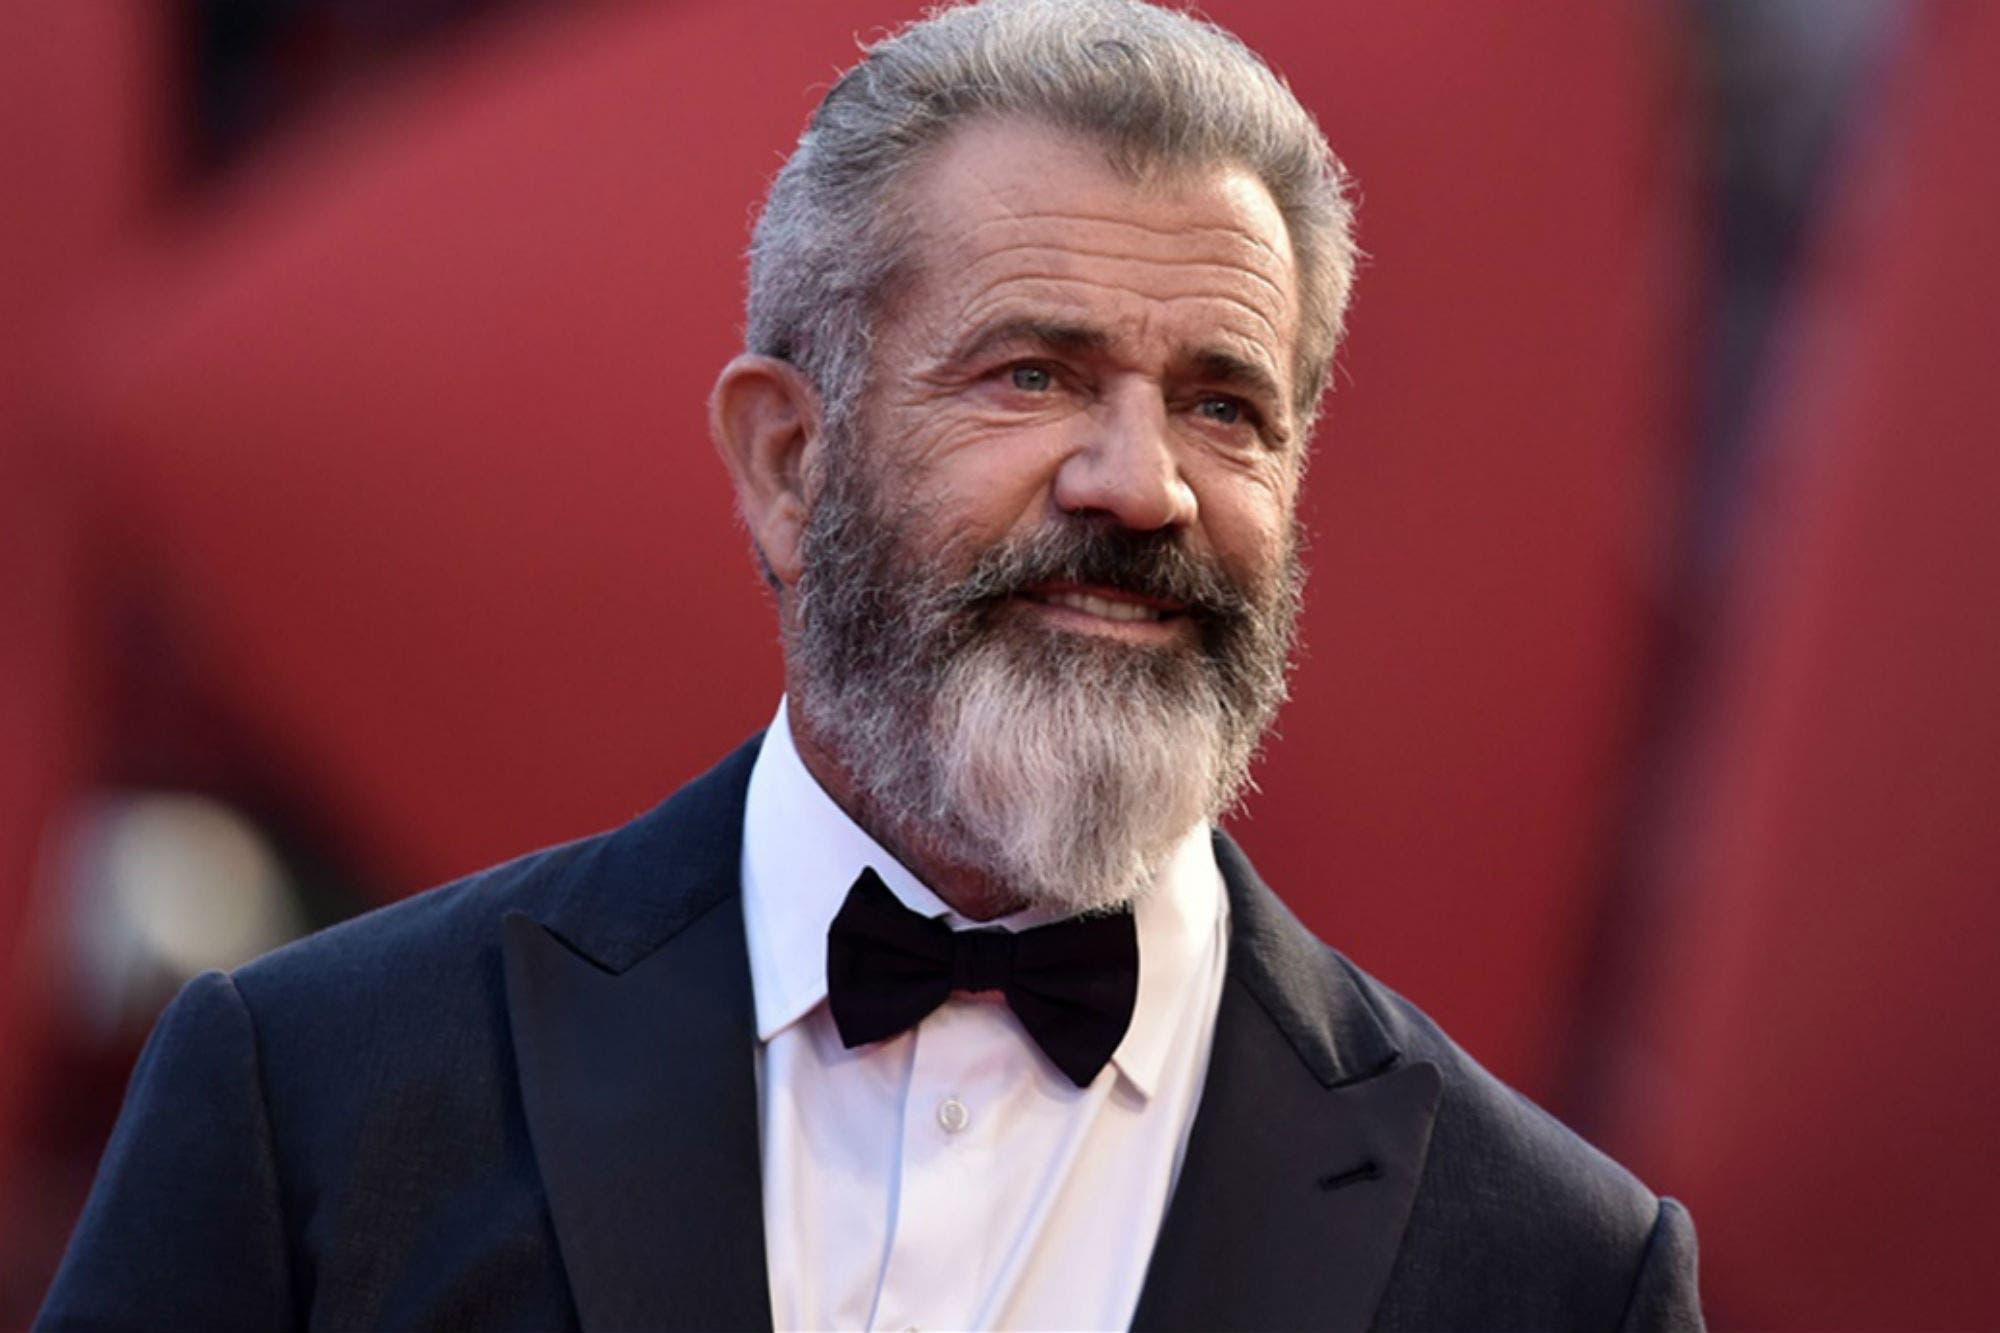 Winona Ryder acusó a Mel Gibson de hacer comentarios antisemitas